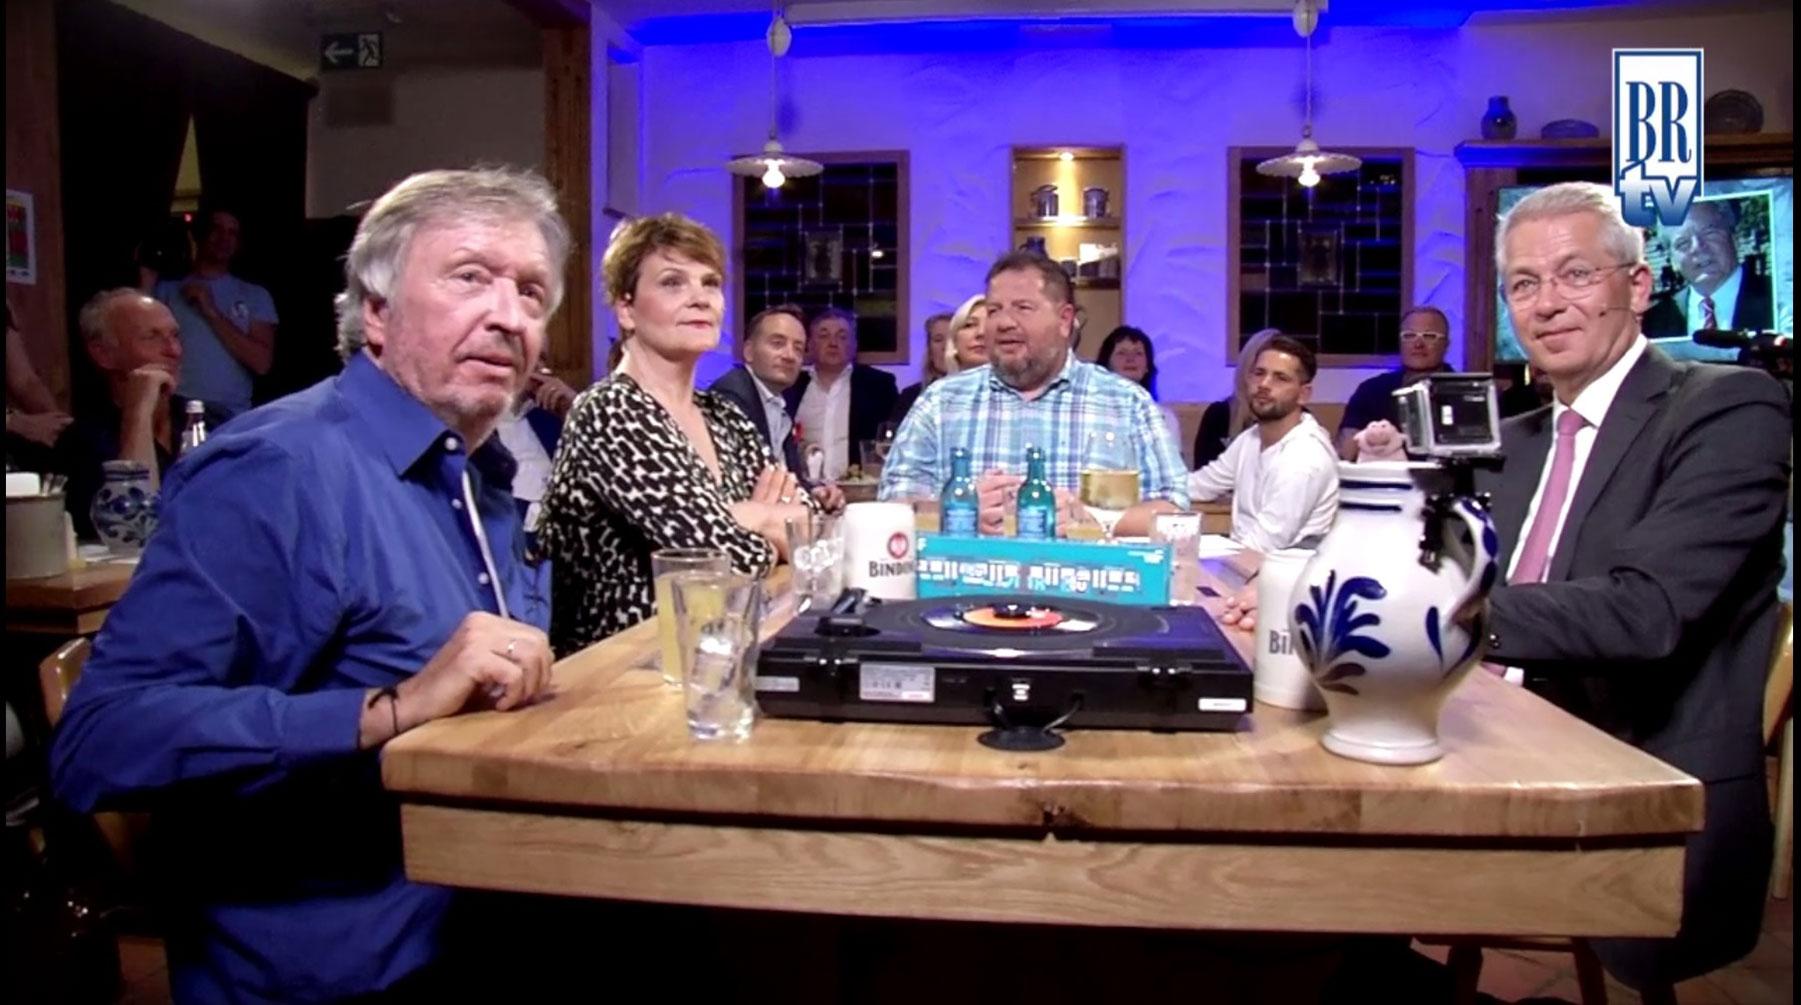 Bembel & Gebabbel – Folge 33 mit Dr. Stefan Schulte, Gayle Tufts & Werner Schulze-Erdelb